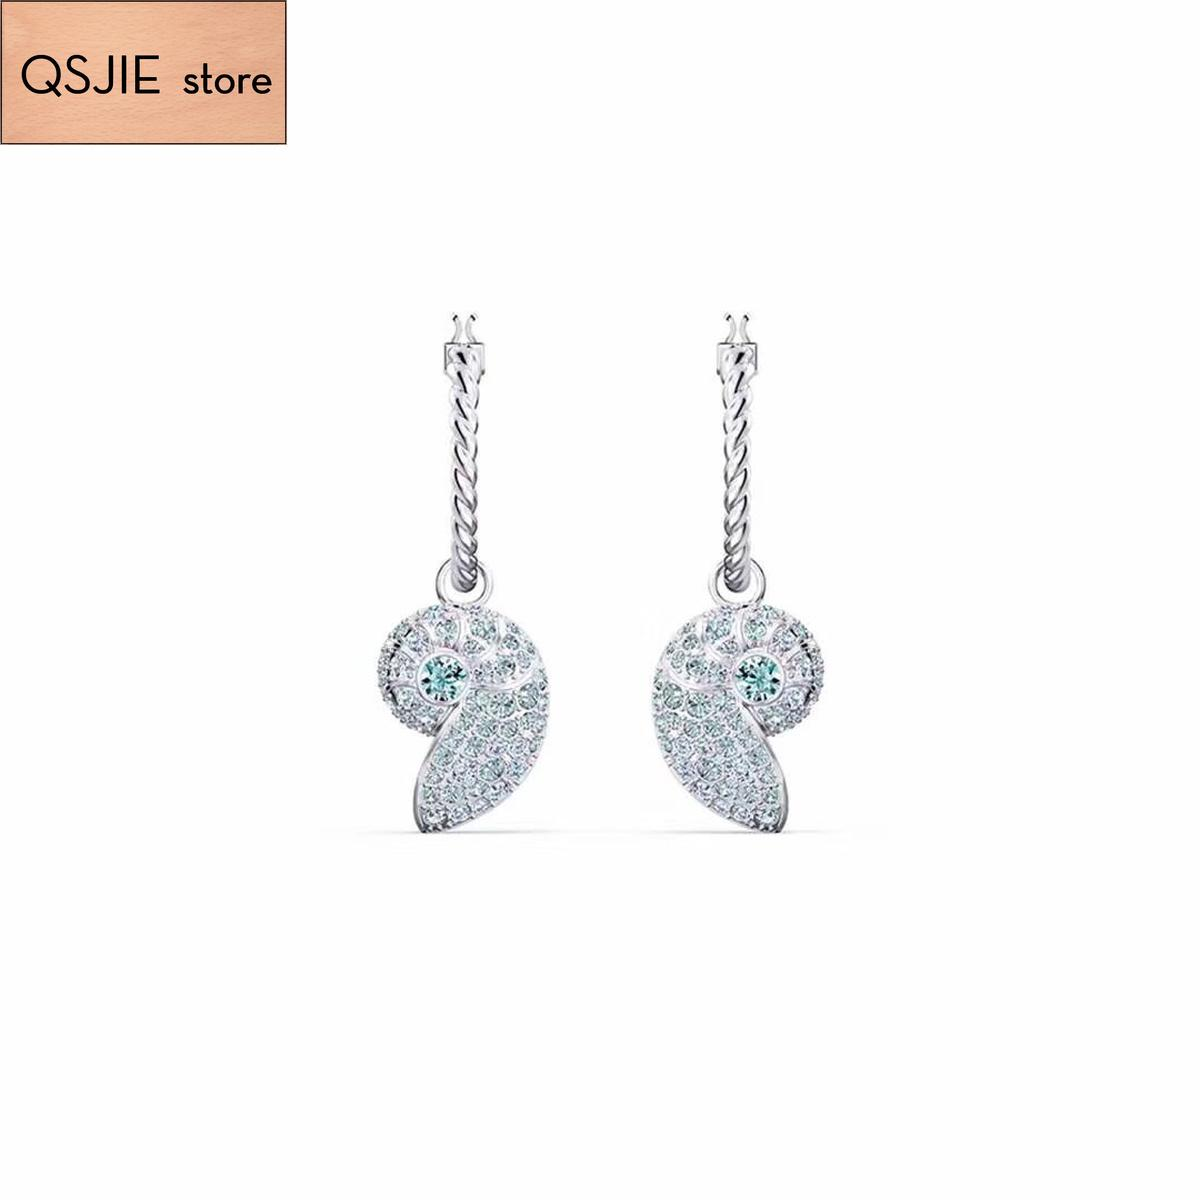 Qsjie высококачественный SWA новый стиль. Супер красивый раковину милая леди серьги очаровательные ювелирные изделия